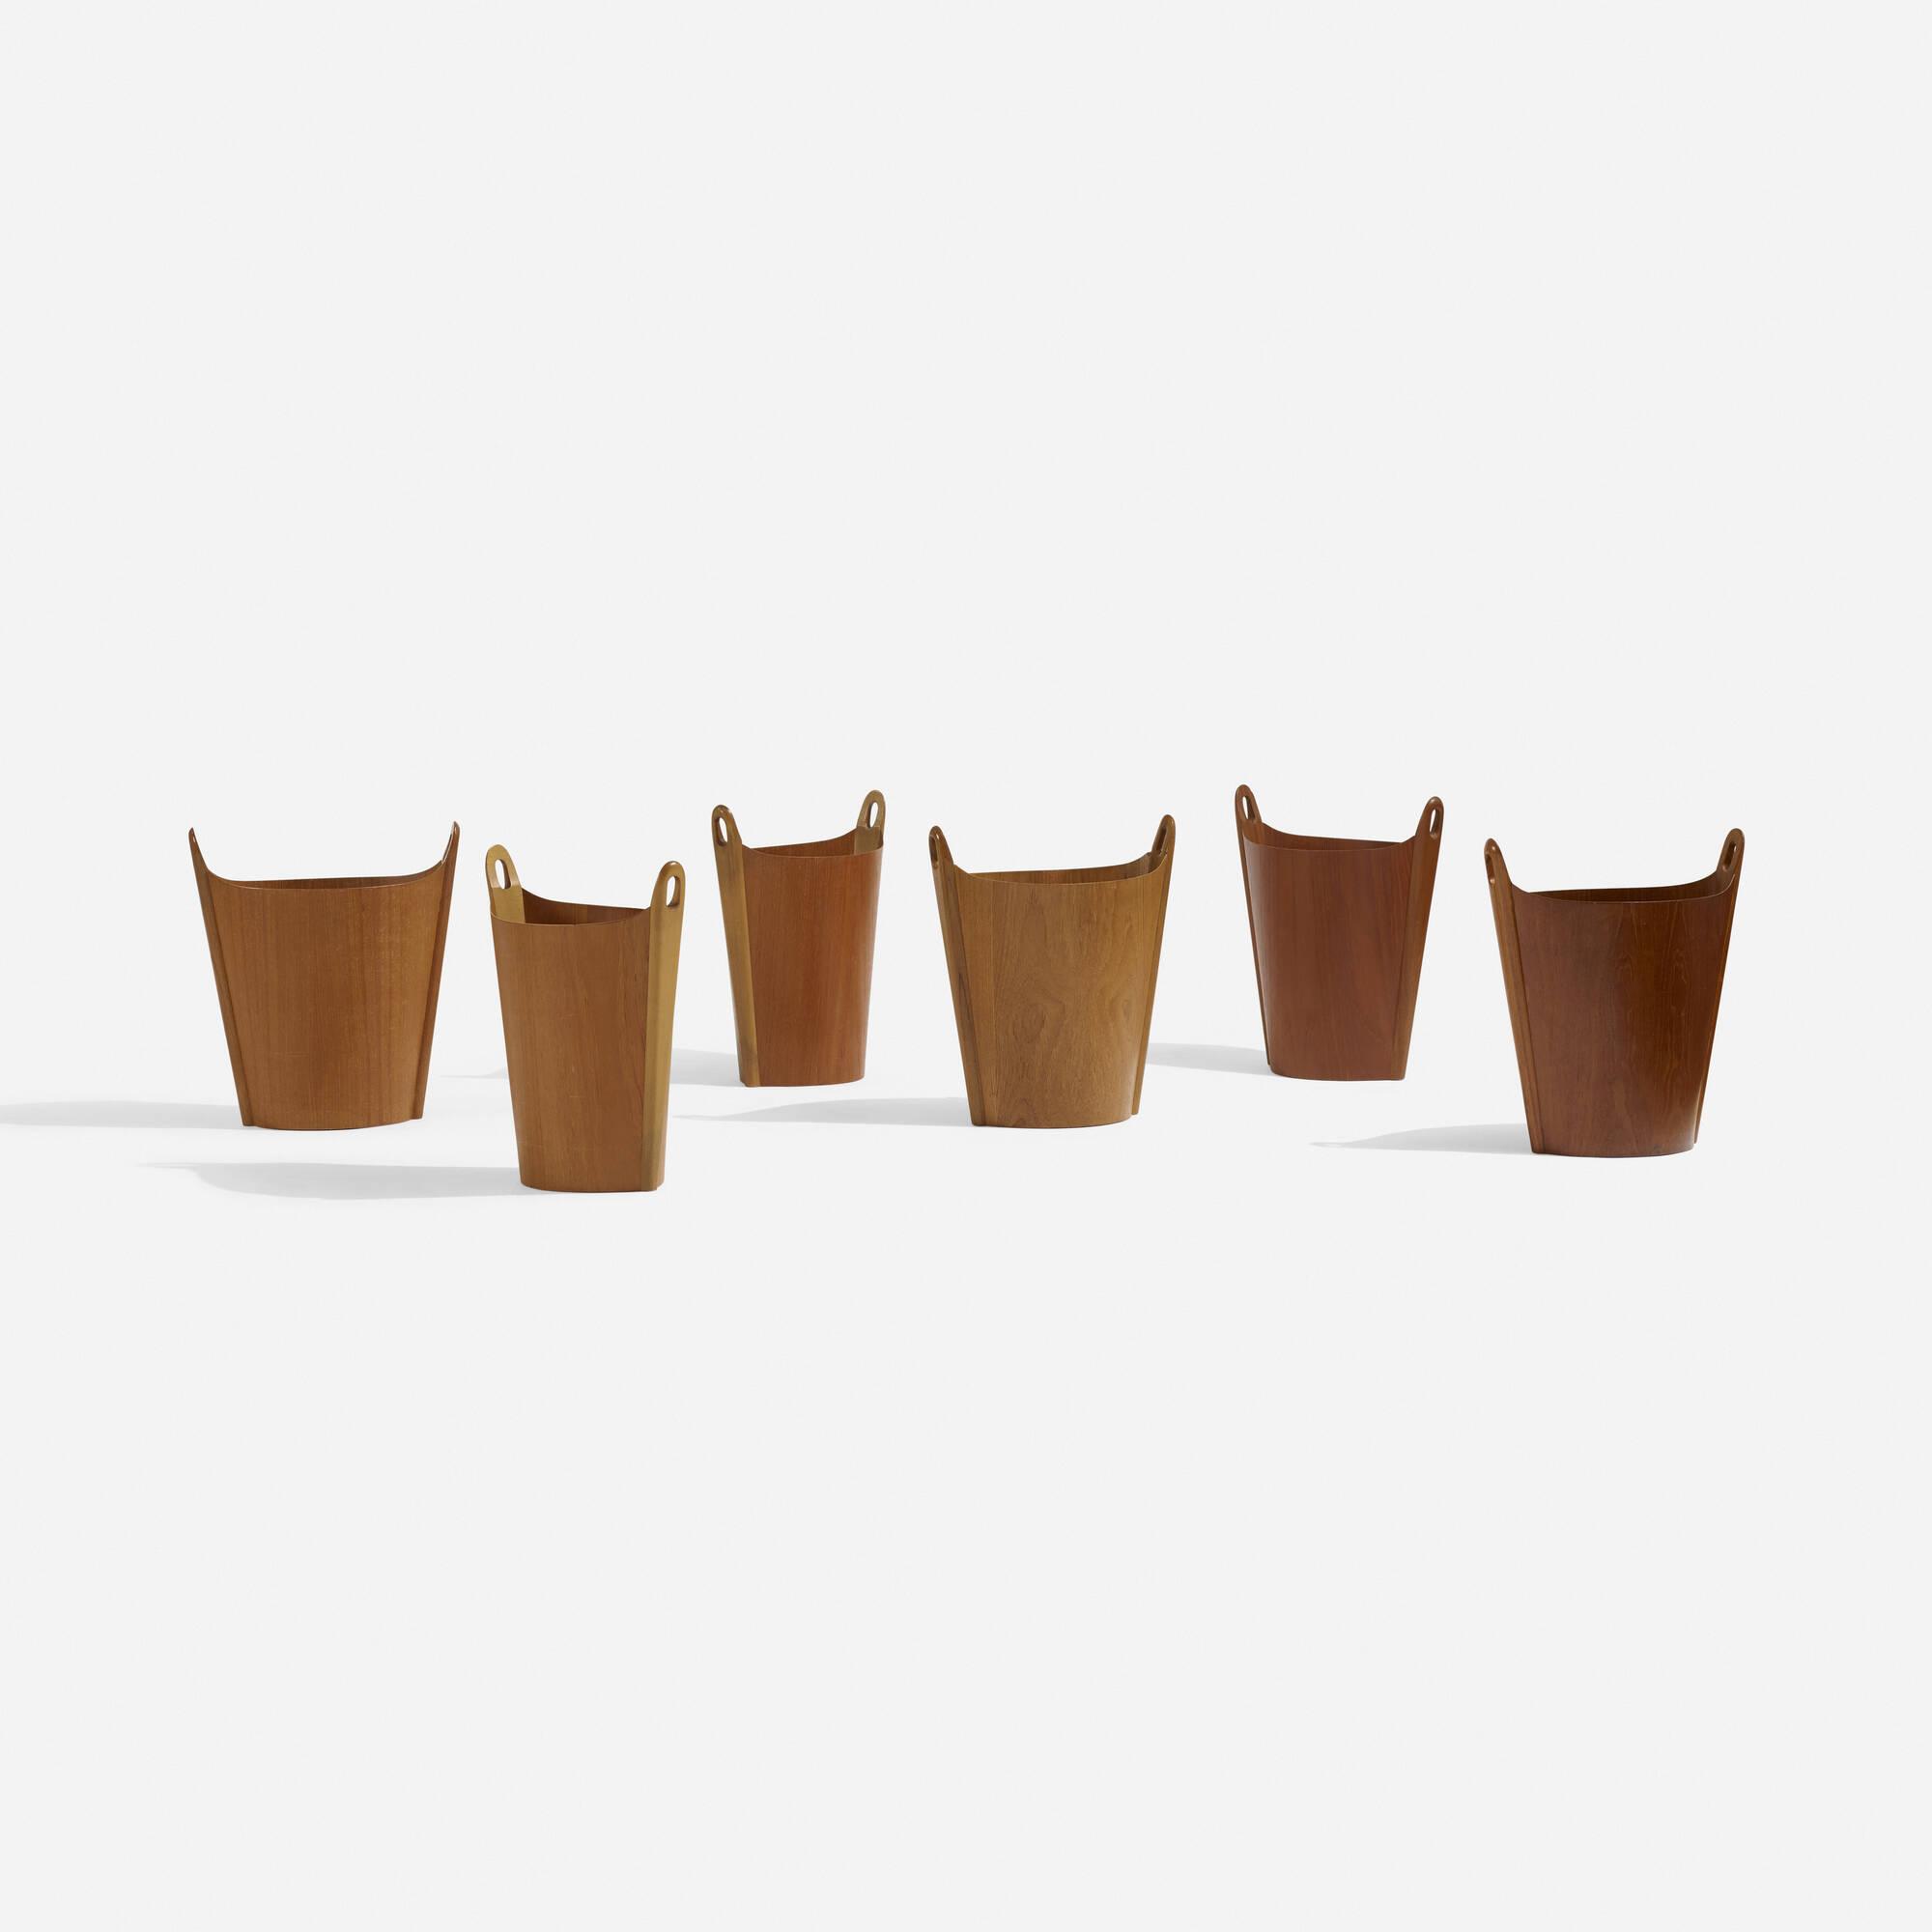 185: P.S. Heggen / wastepaper baskets, set of six (2 of 4)